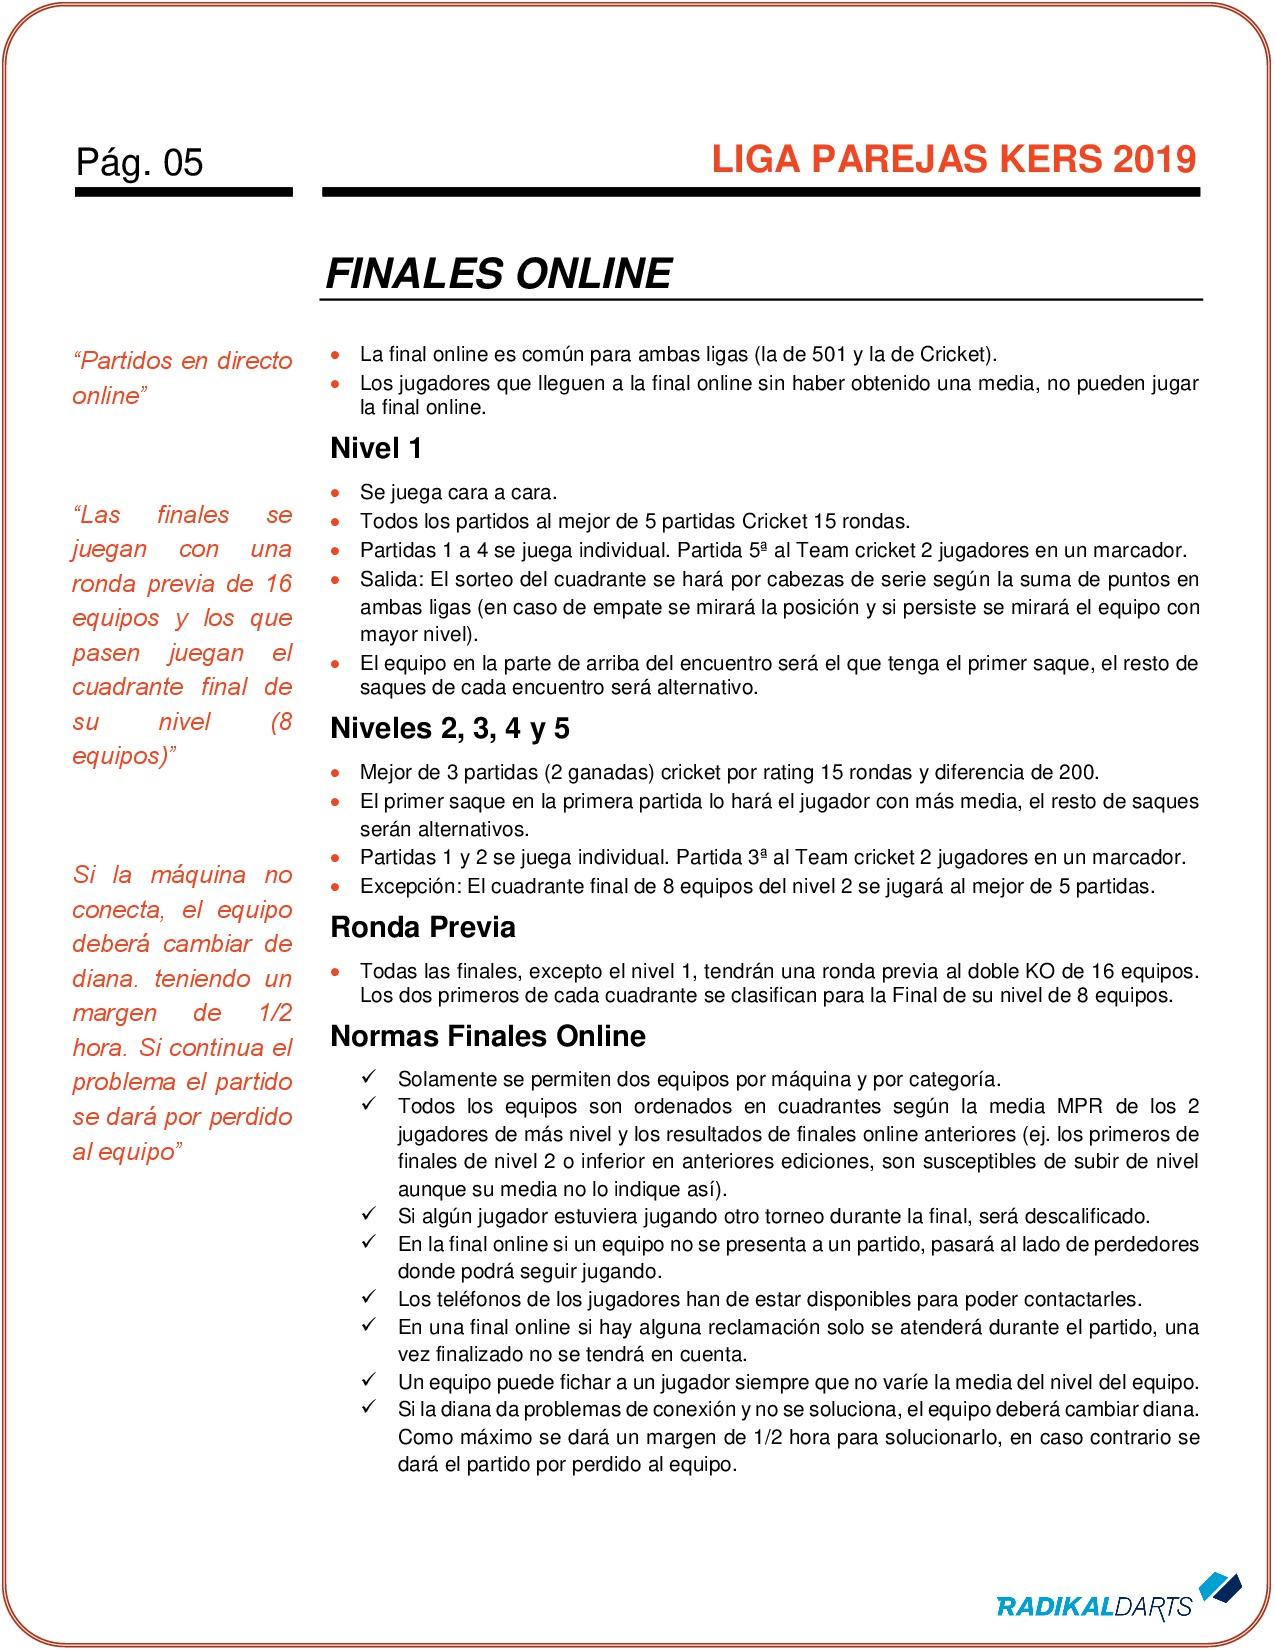 Campeonato de dardos online Liga de Parejas Kers de RadikalDarts. Premios